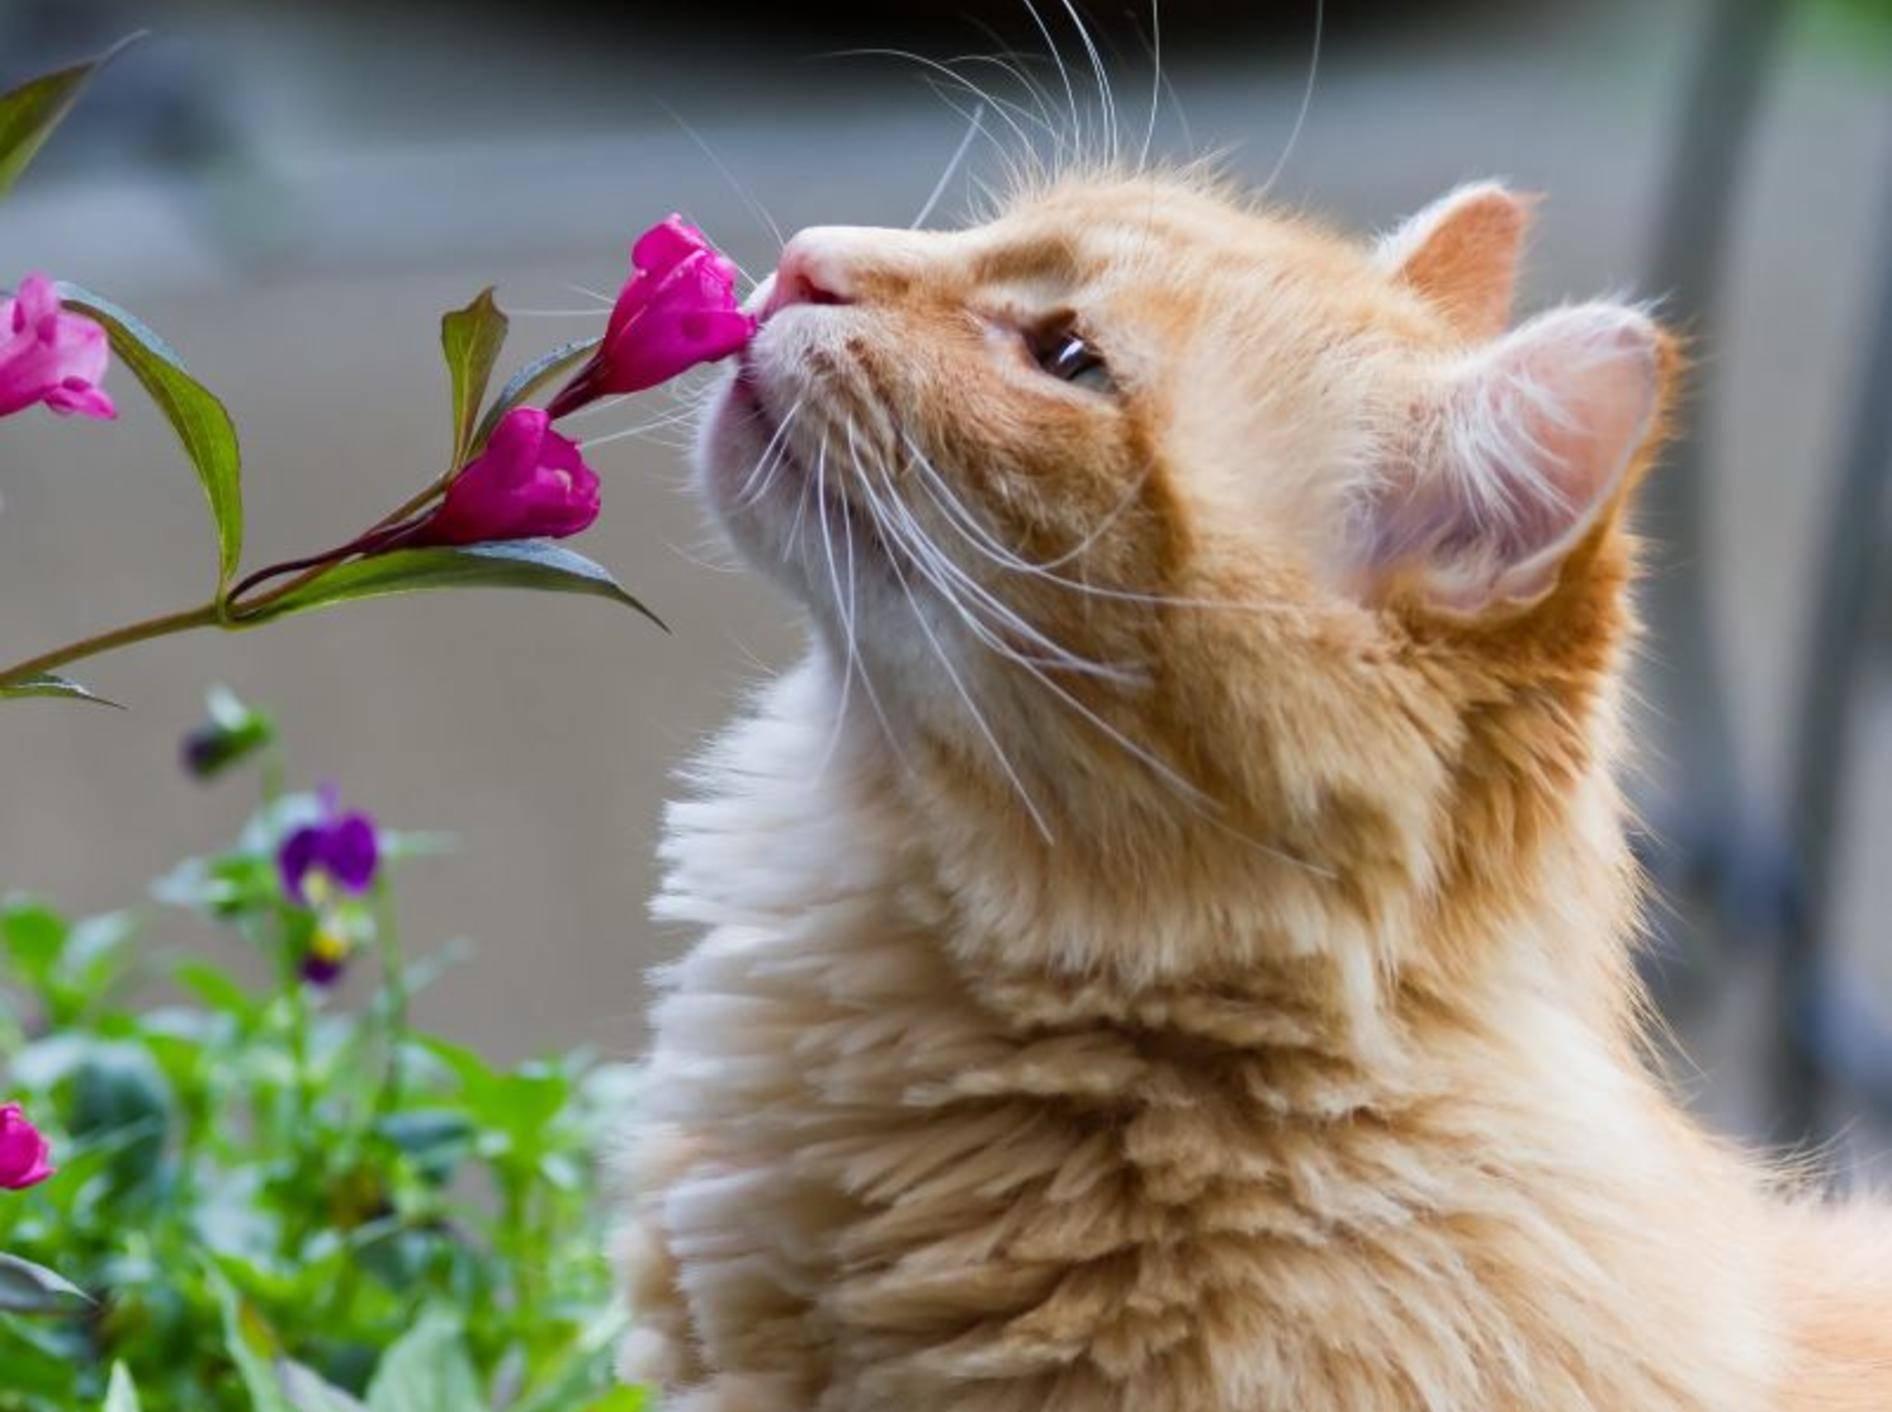 Hatschi! Auch Katzen können empfindlich auf Pollen reagieren – Bild: Shutterstock / Rowdy Soetisna